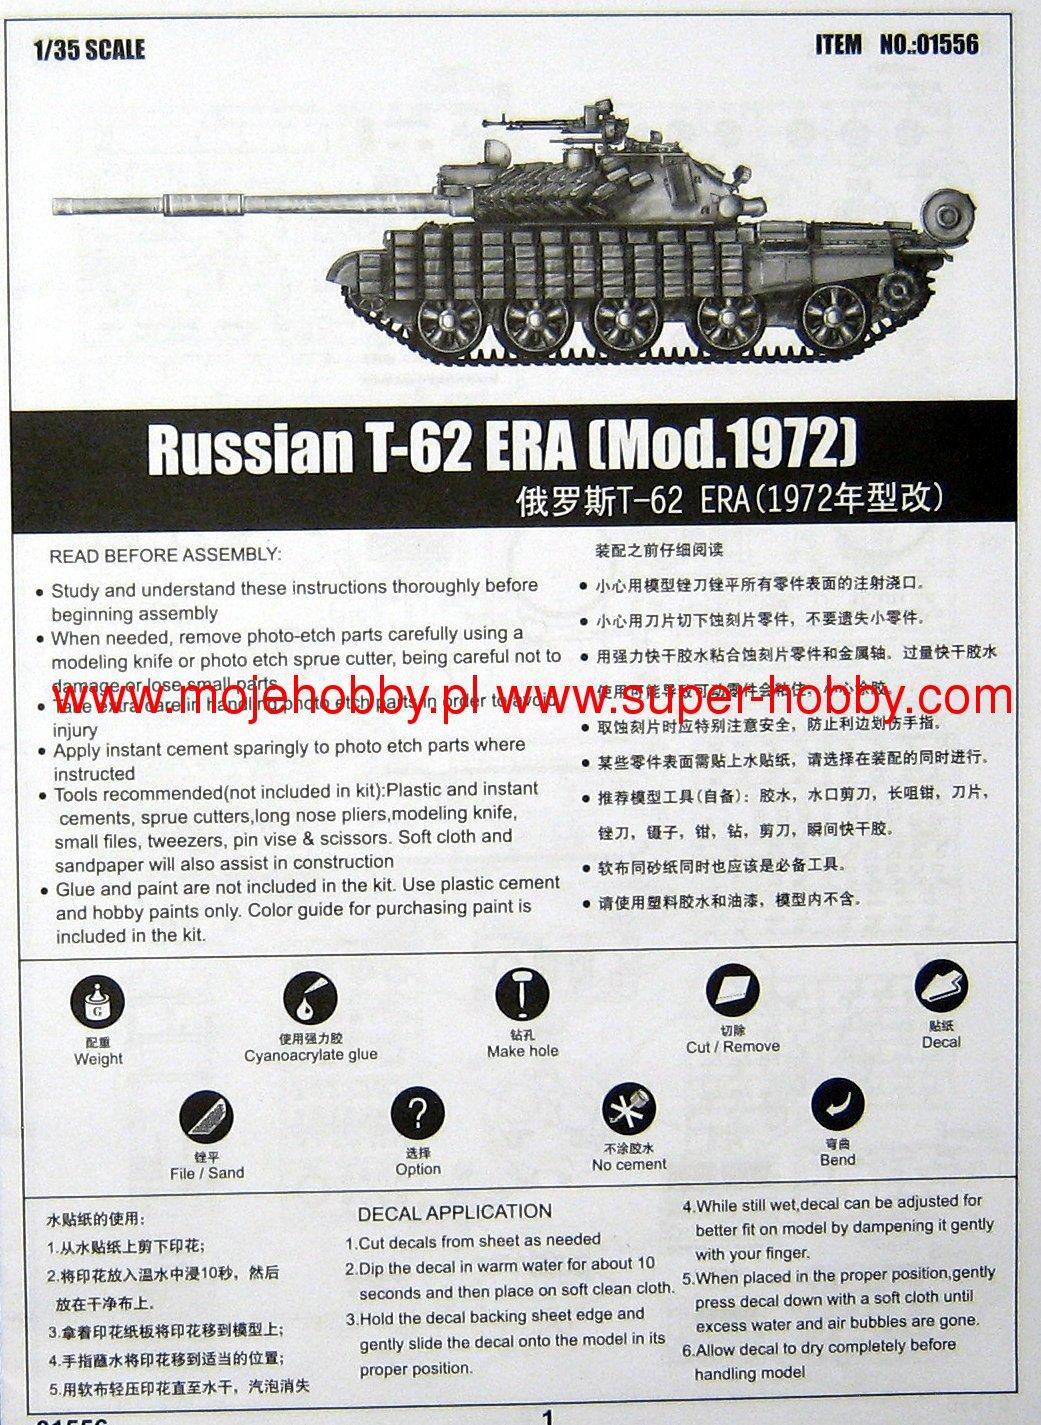 Trumpeter 01556/mod/èle Kit Russian T 62/Era Mod. 1972